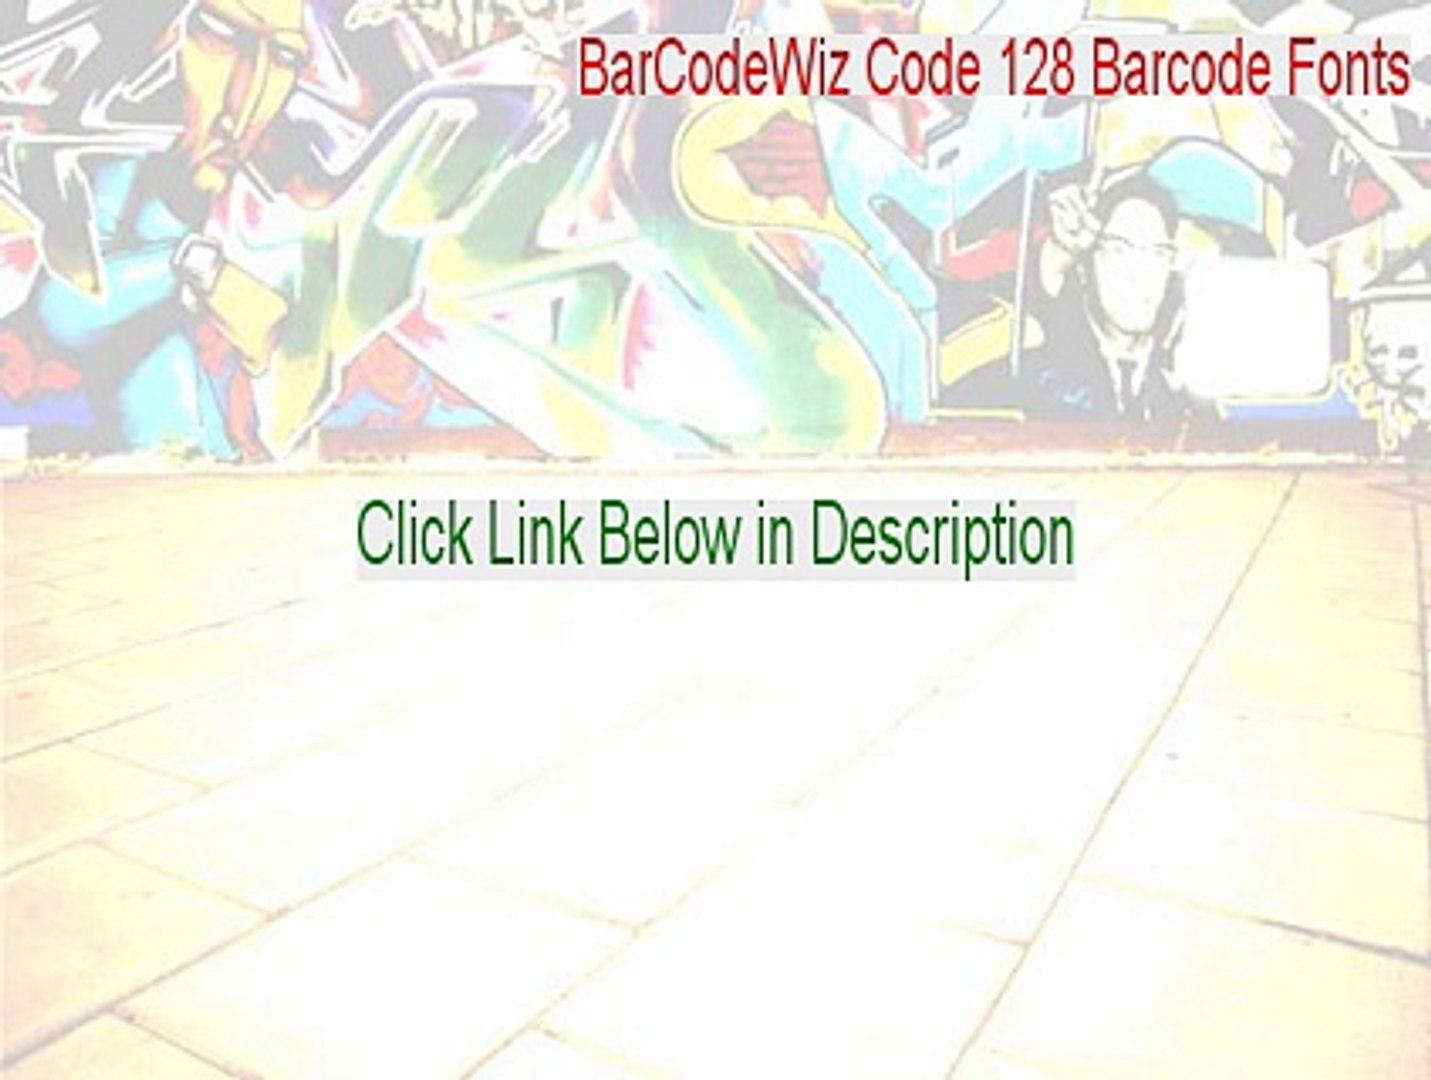 BarCodeWiz Code 128 Barcode Fonts Serial [barcodewiz code 128 barcode fonts  2 39]